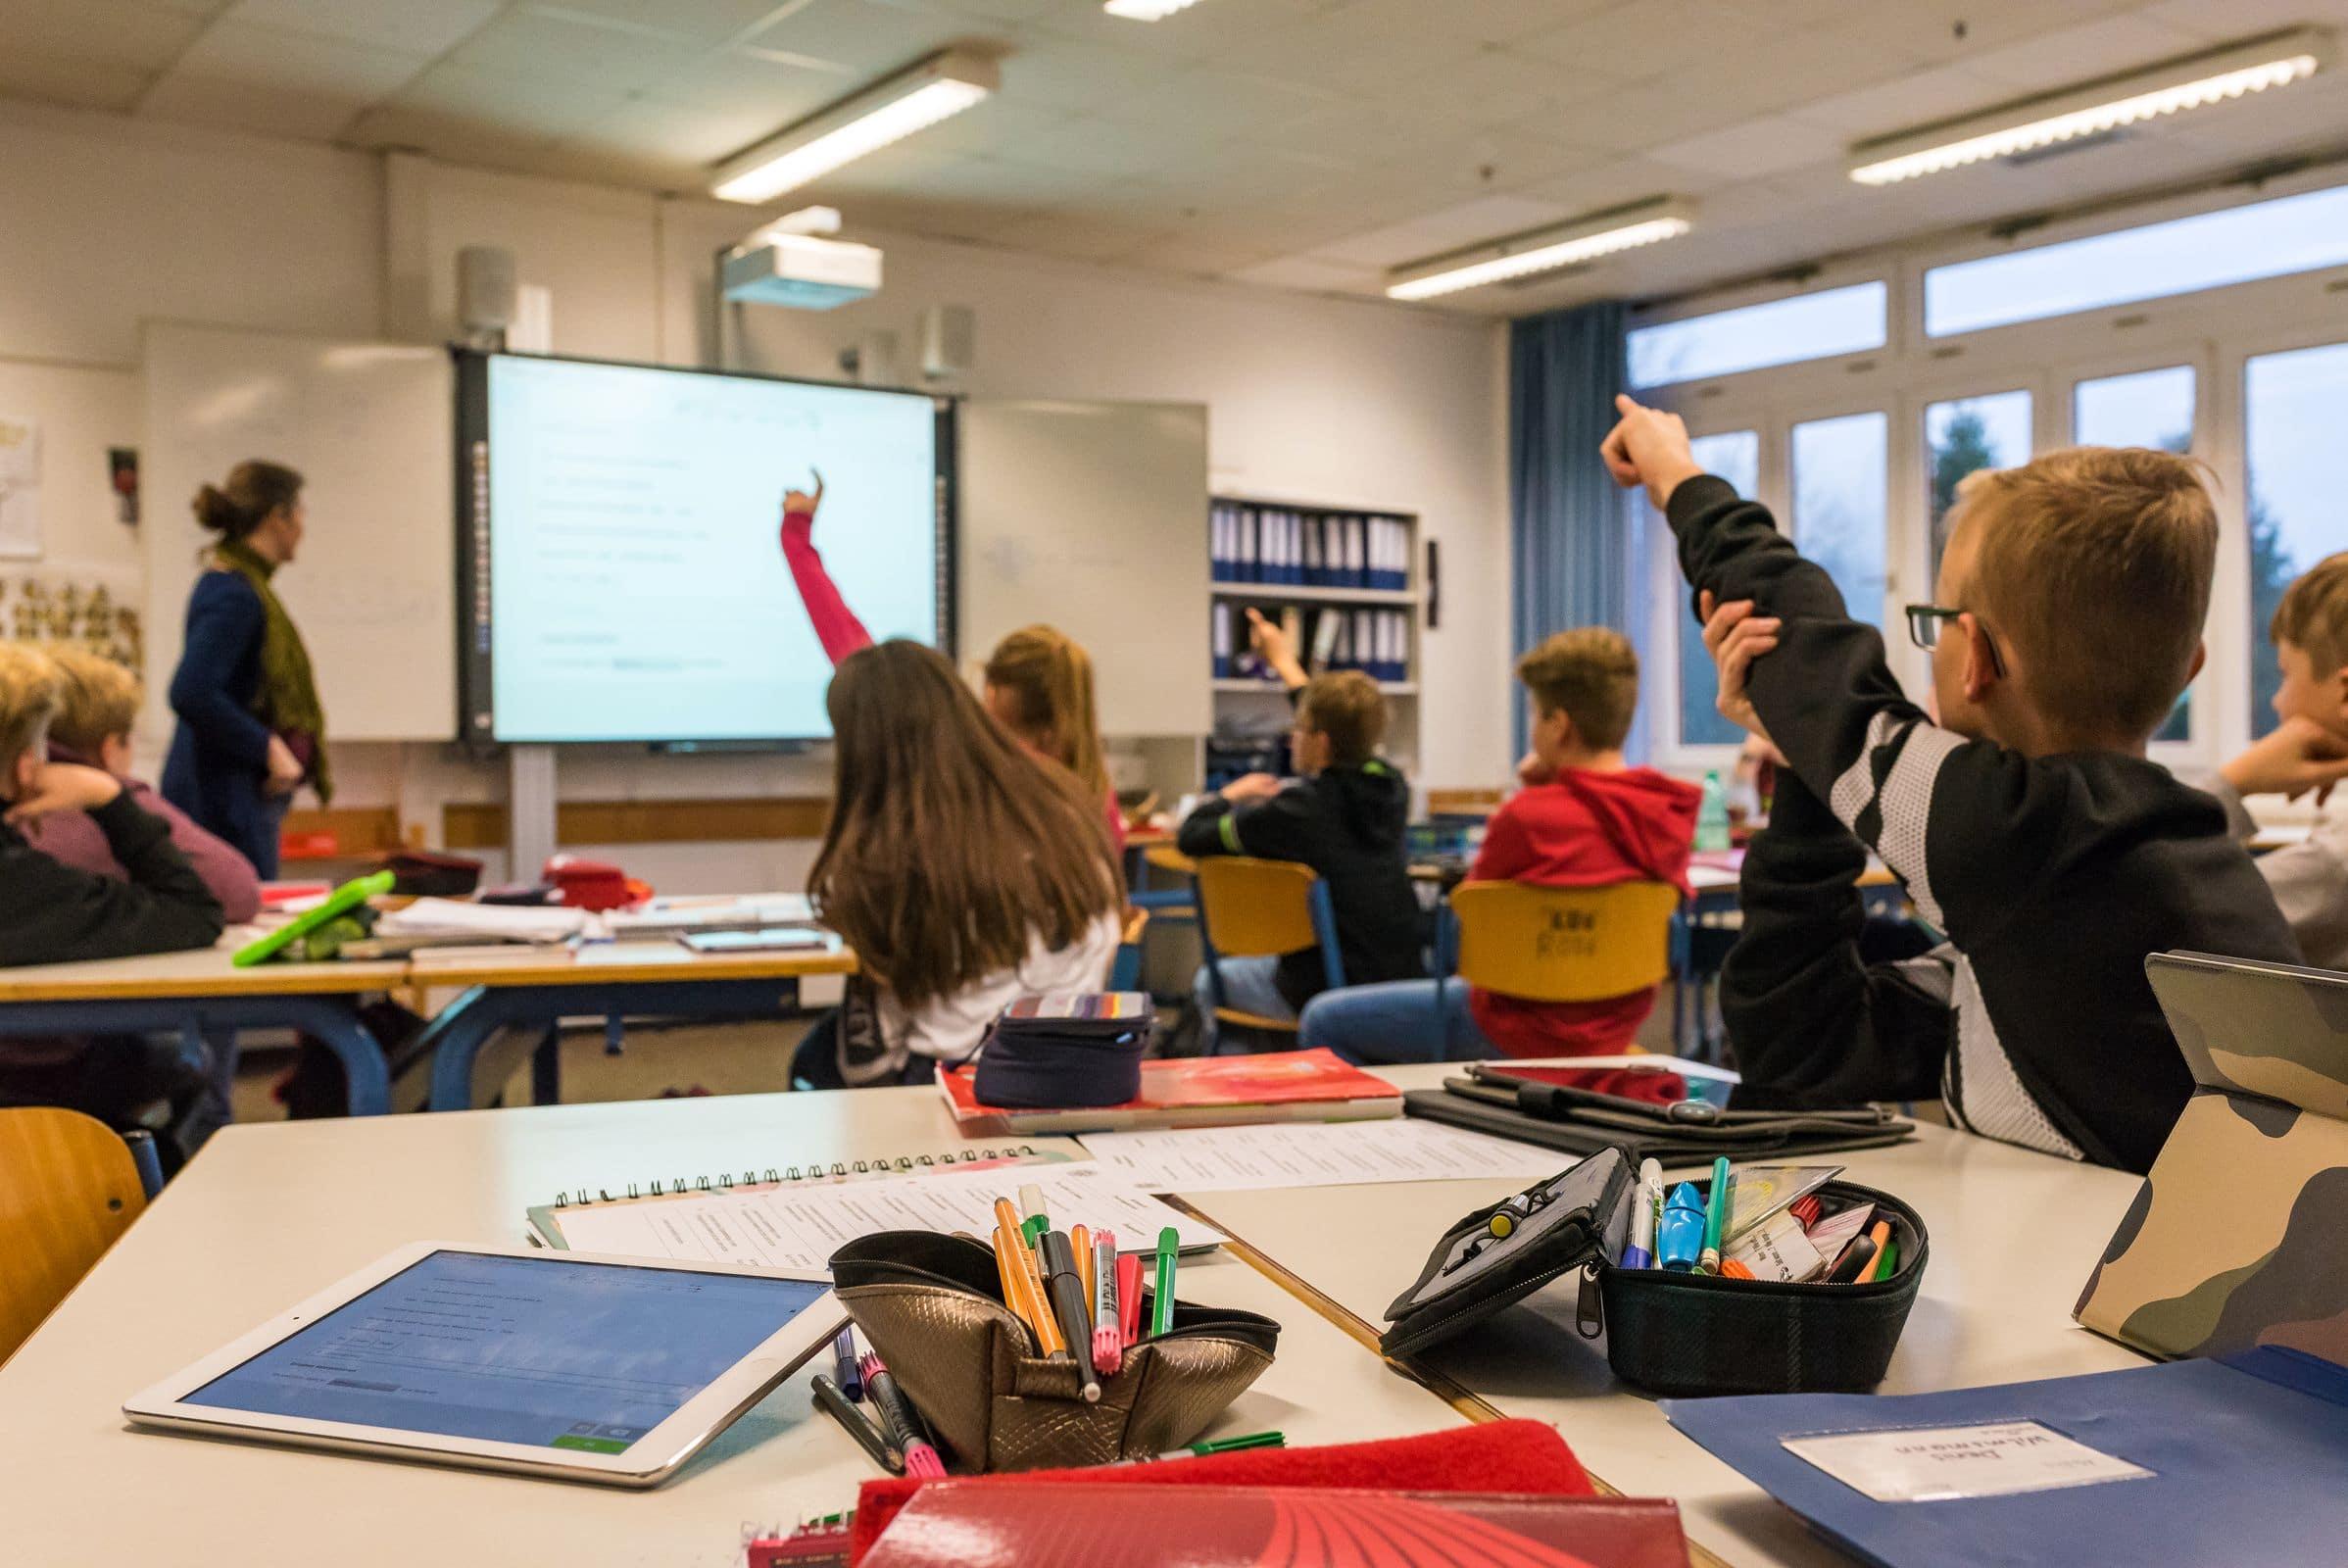 Digitales Lernen steht im Mittelpunkt